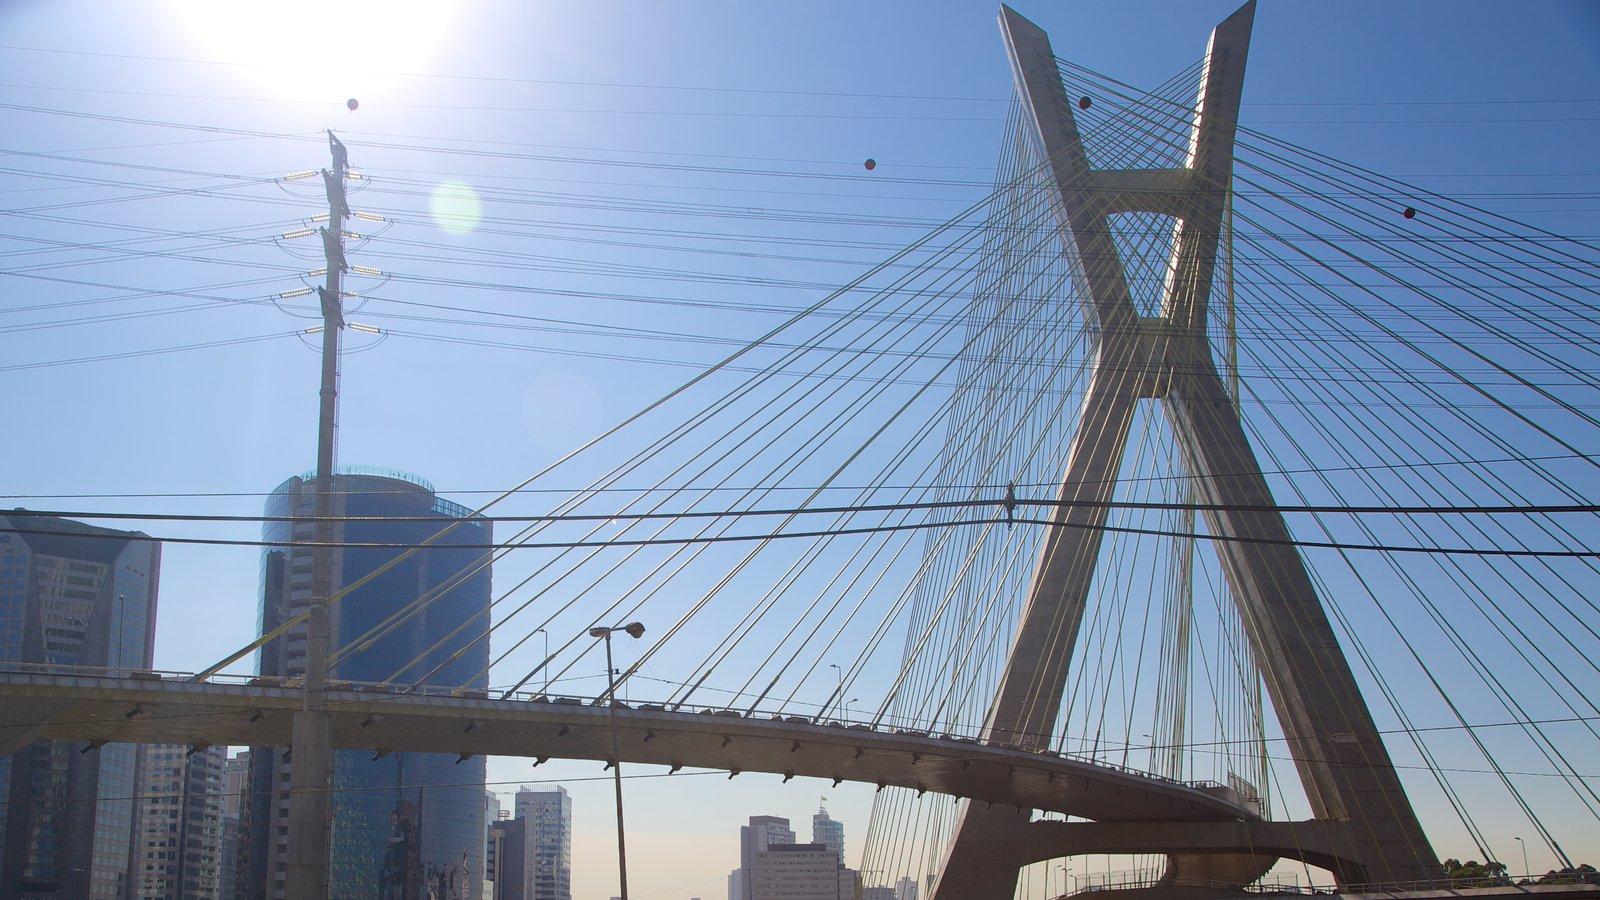 Ponte Octávio Frias de Oliveira mostrando arquitetura moderna e uma cidade